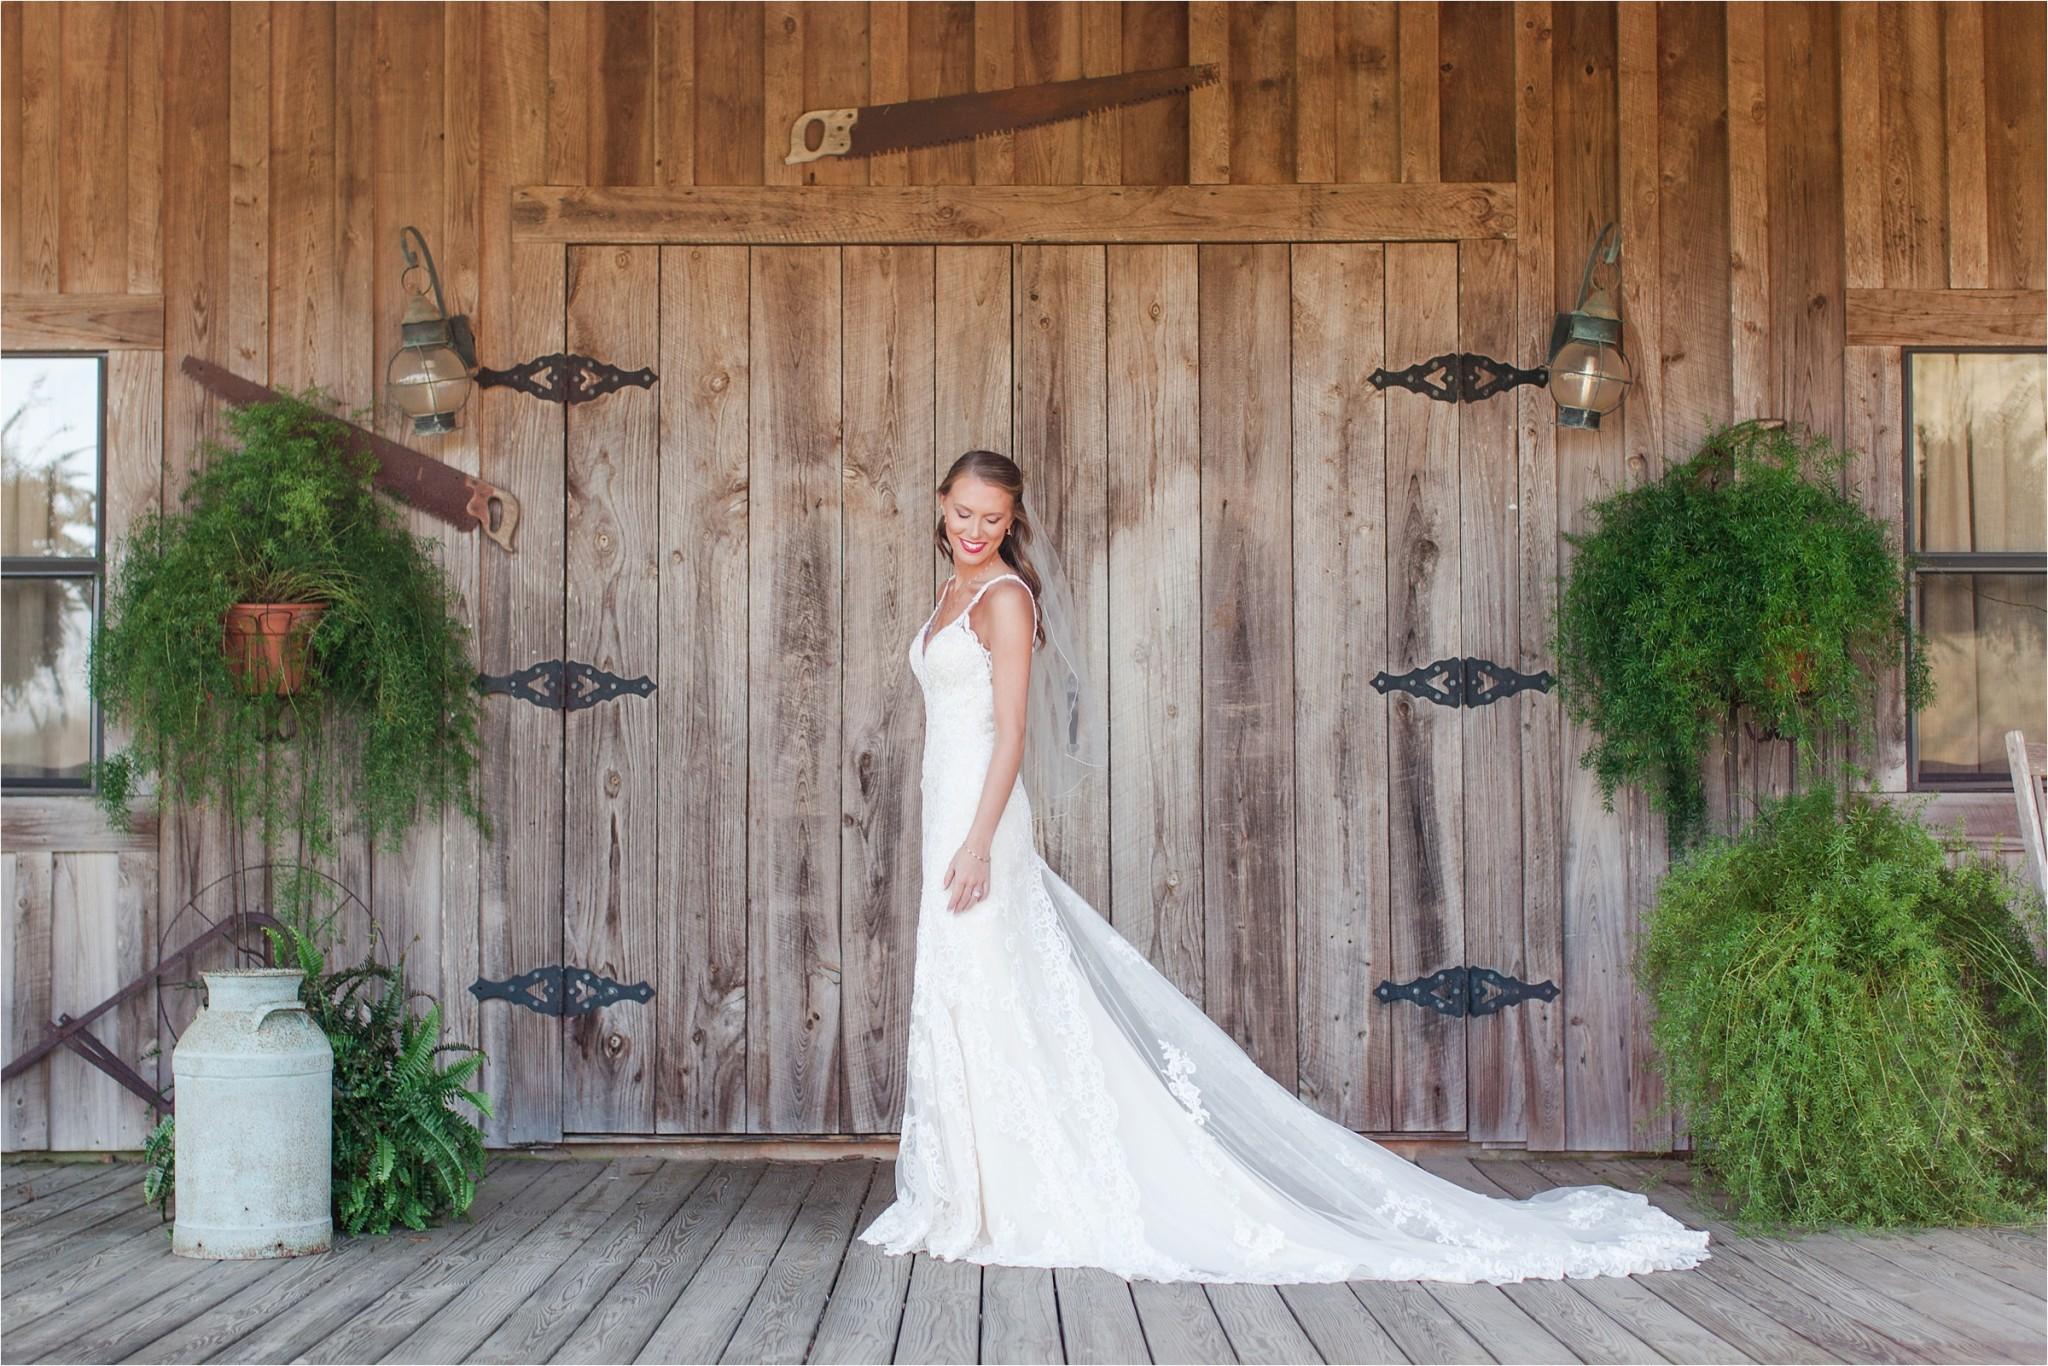 Lewis_Oak_Hollow_Wedding_Fairhope_AL_0049